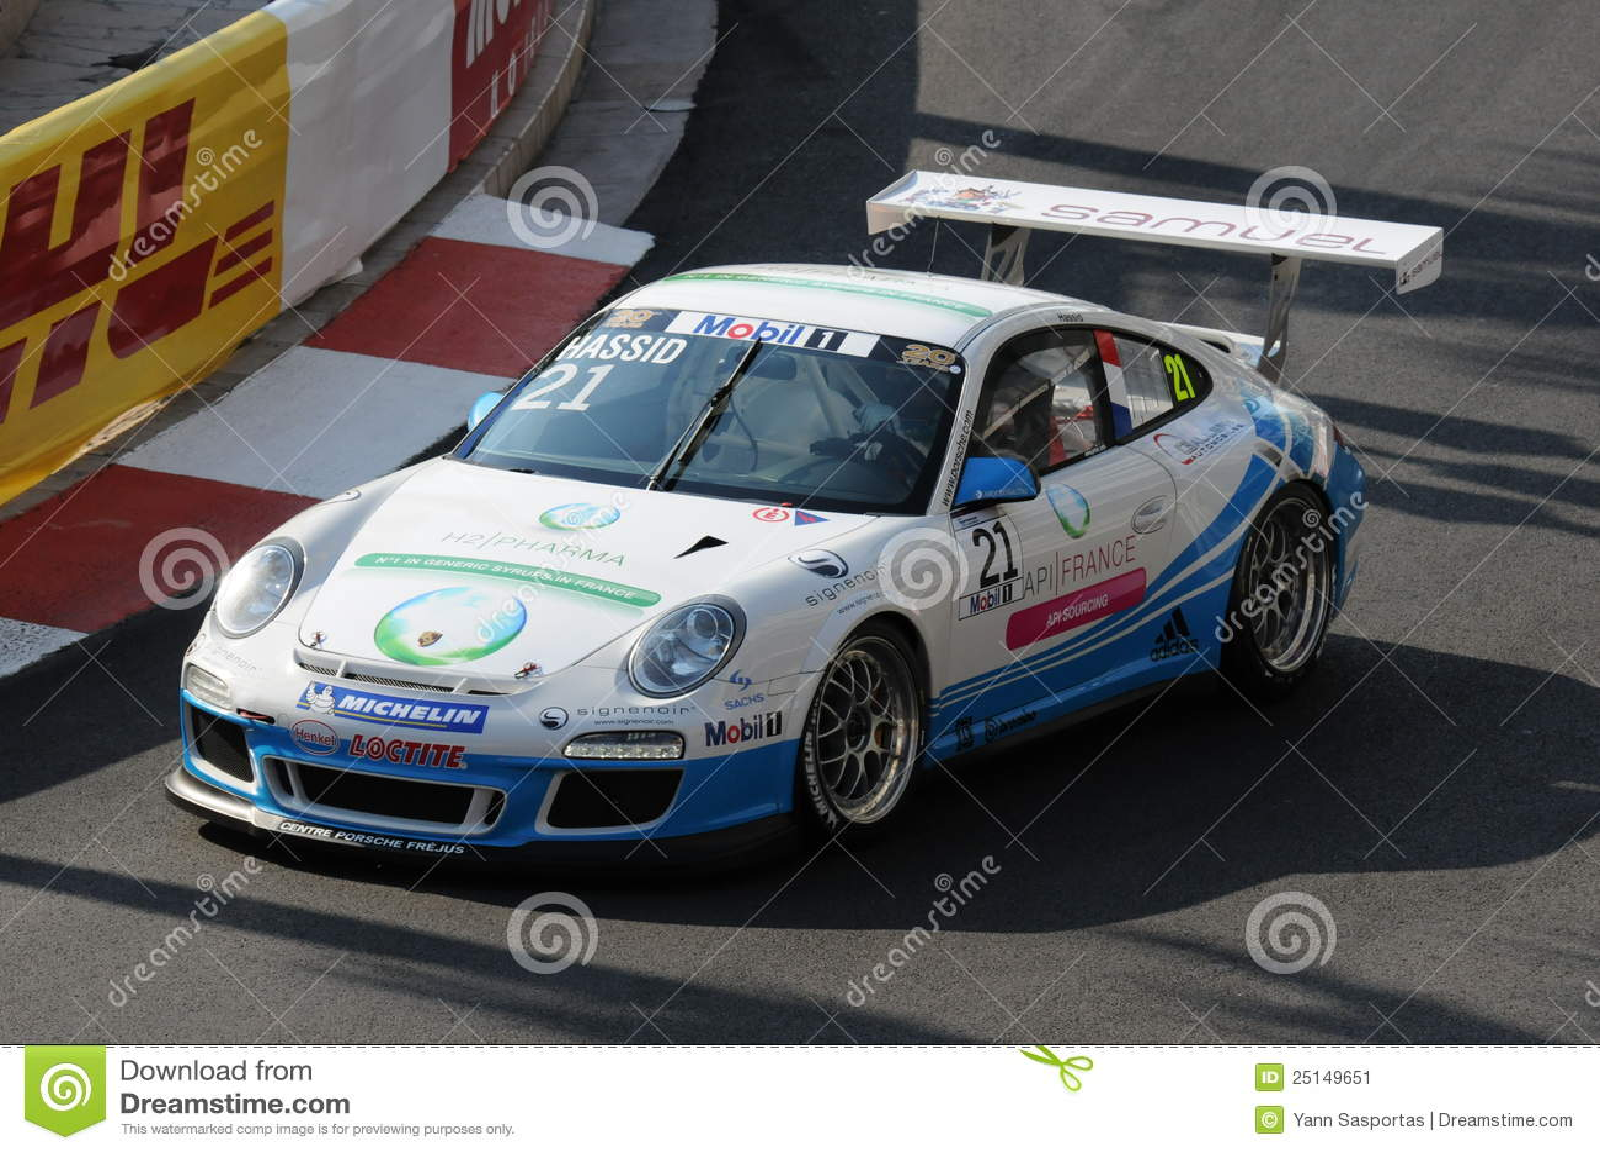 Monaco supercup Porsche